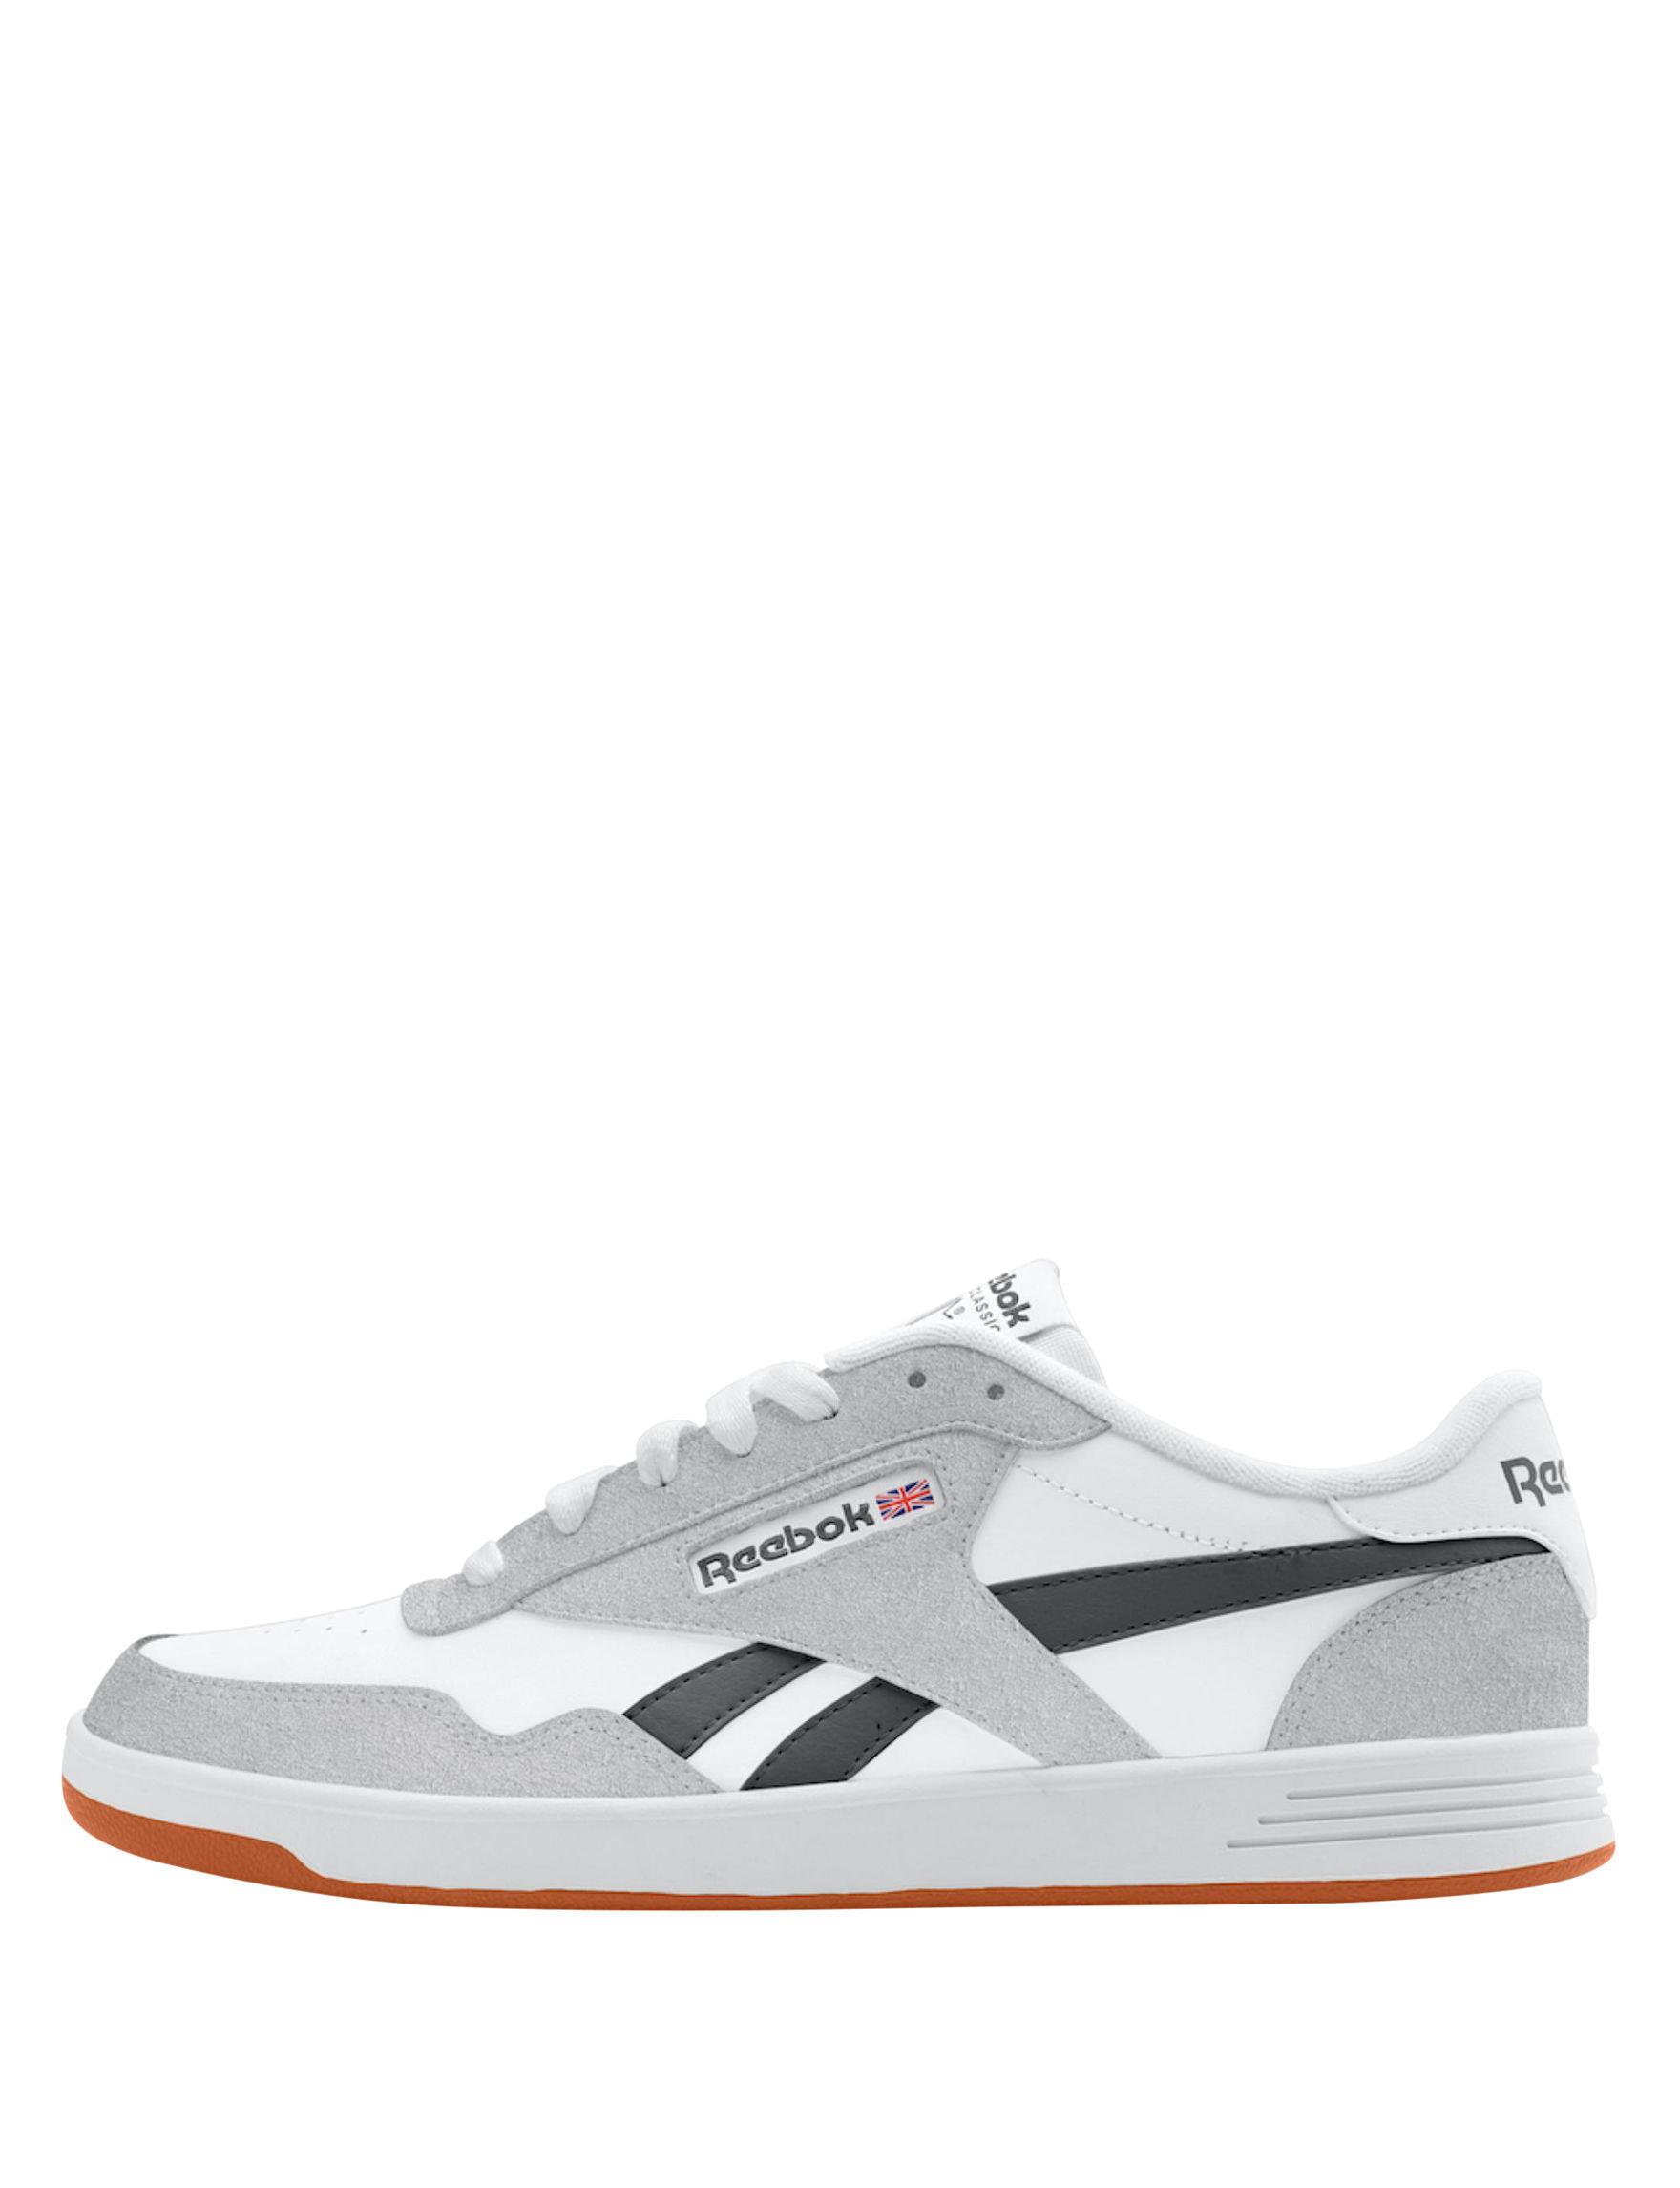 Reebok White / Grey